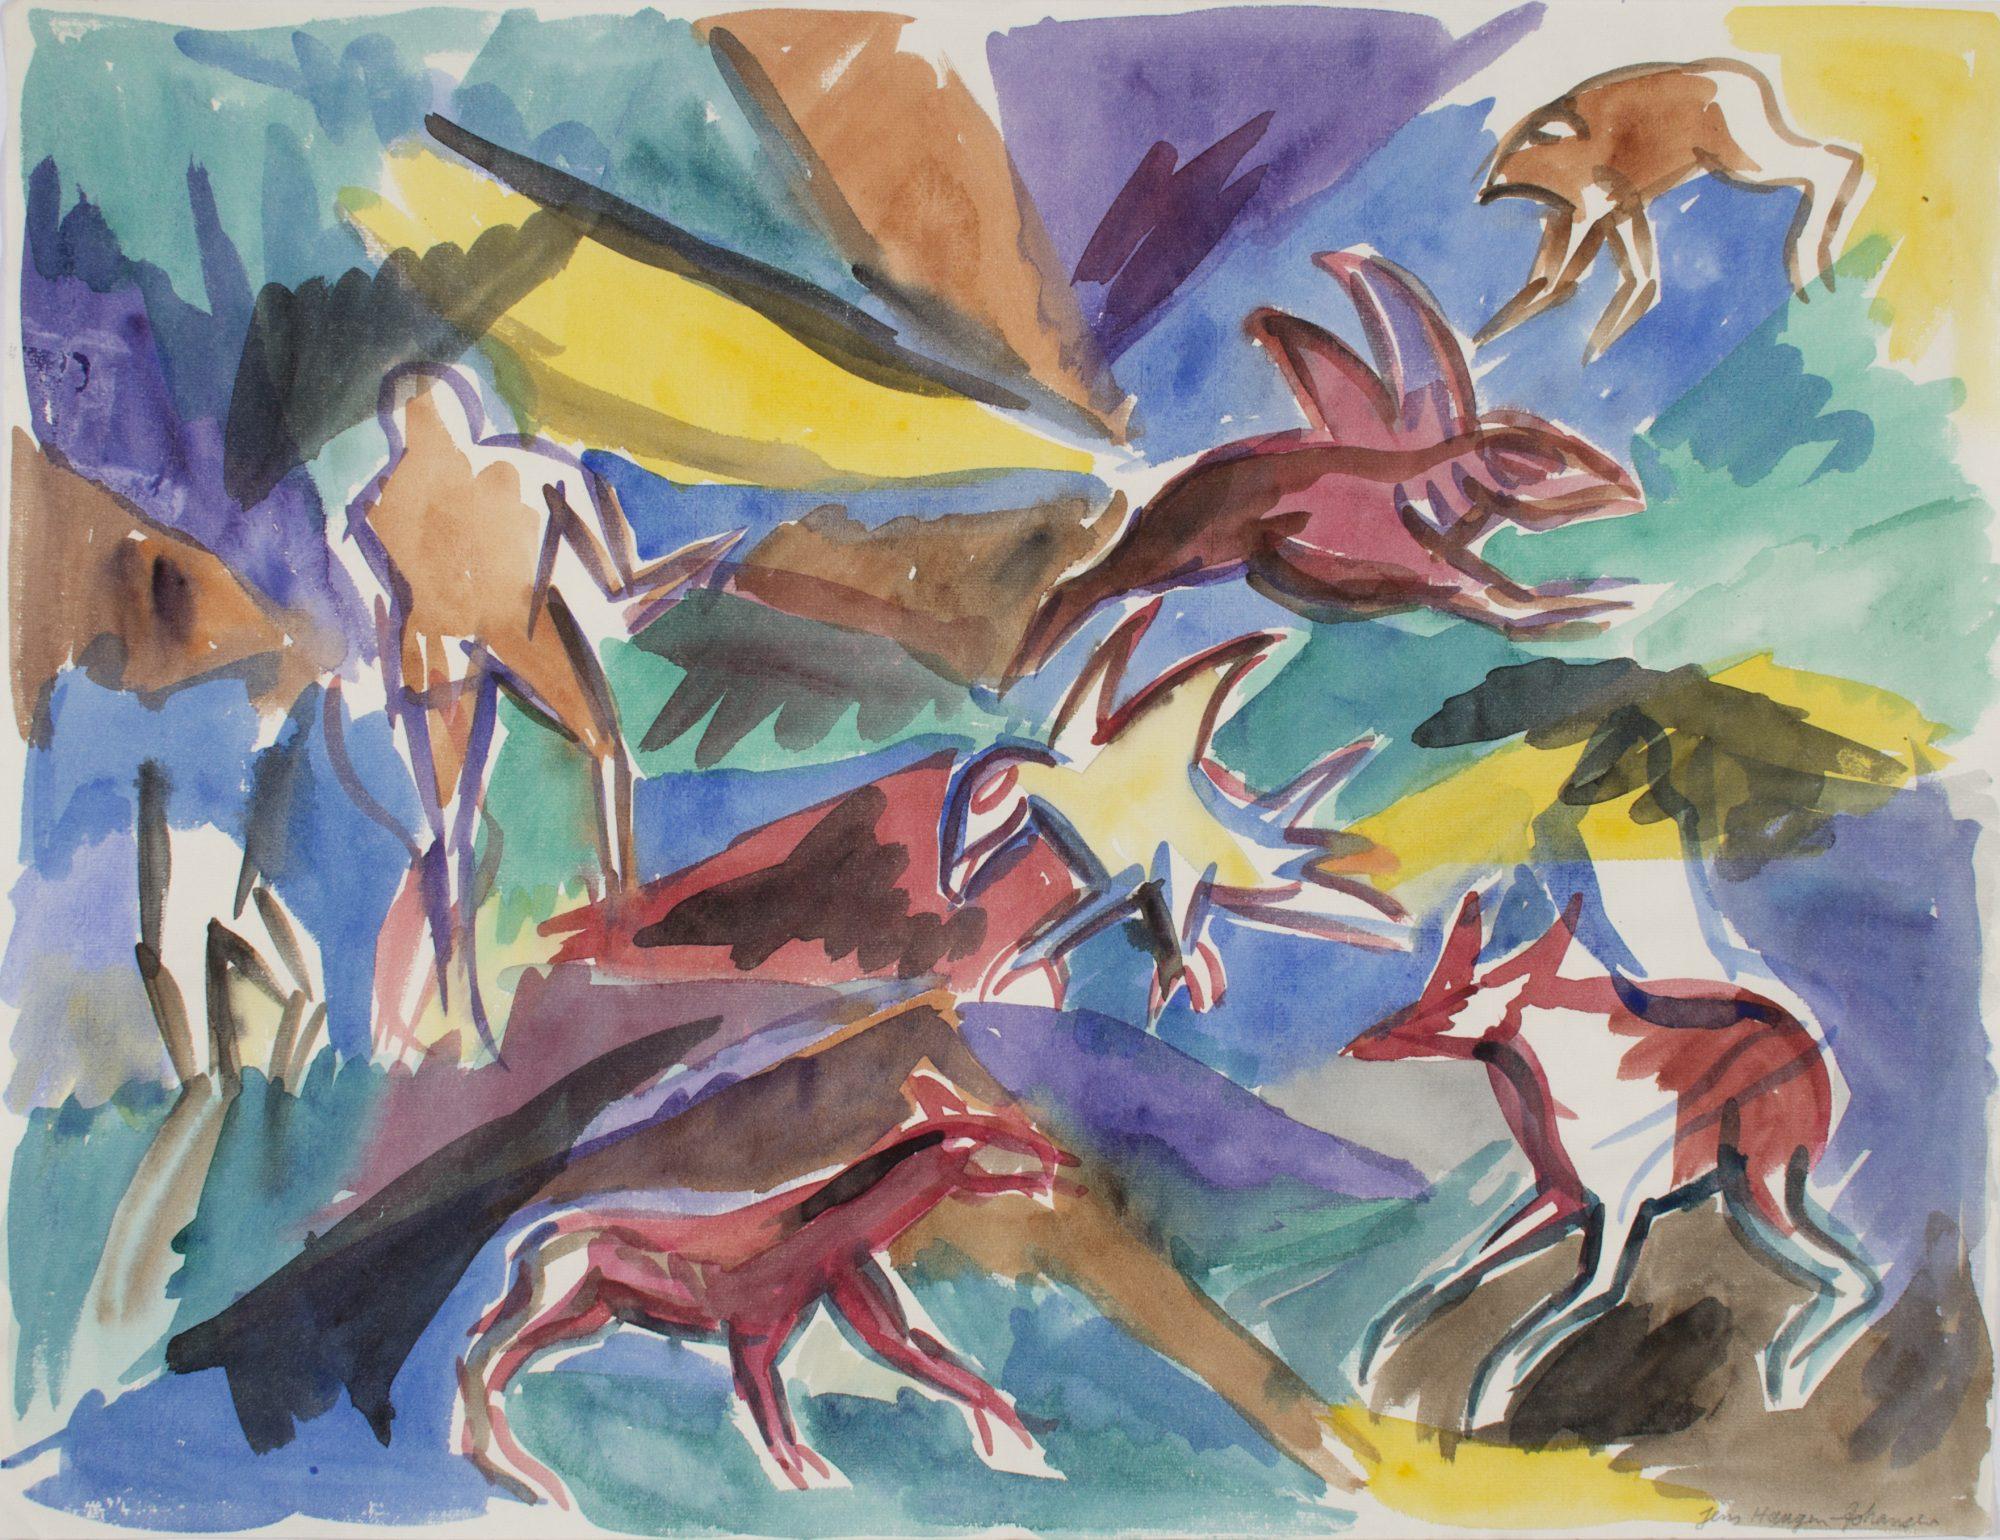 Akvarel på bøttepapir, Mål: 50 x 60